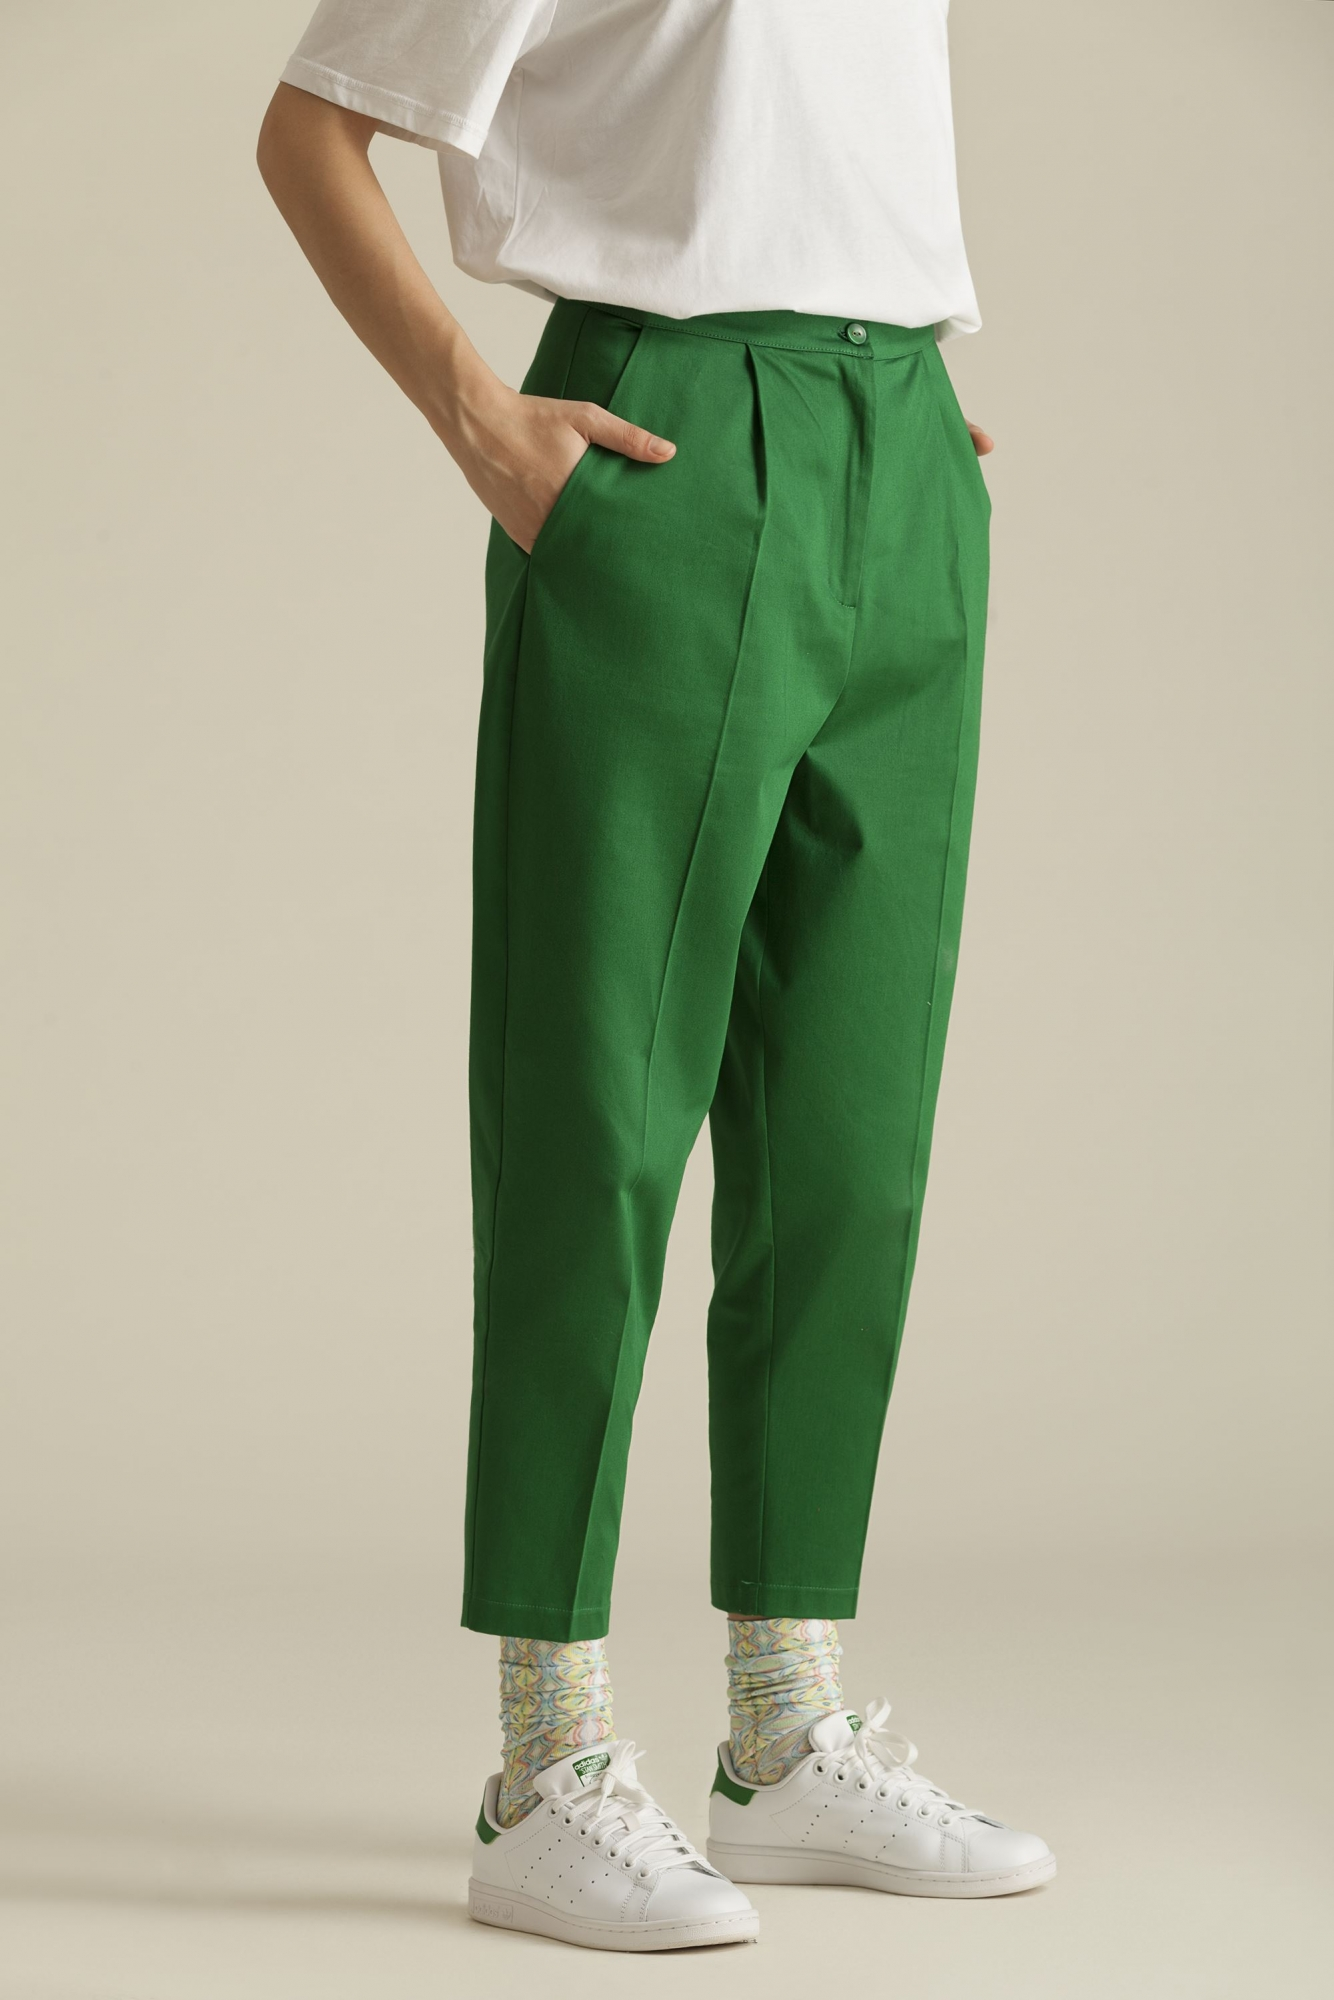 Kuaybe Gider - 4045 Şalvar Pantolon Yeşil